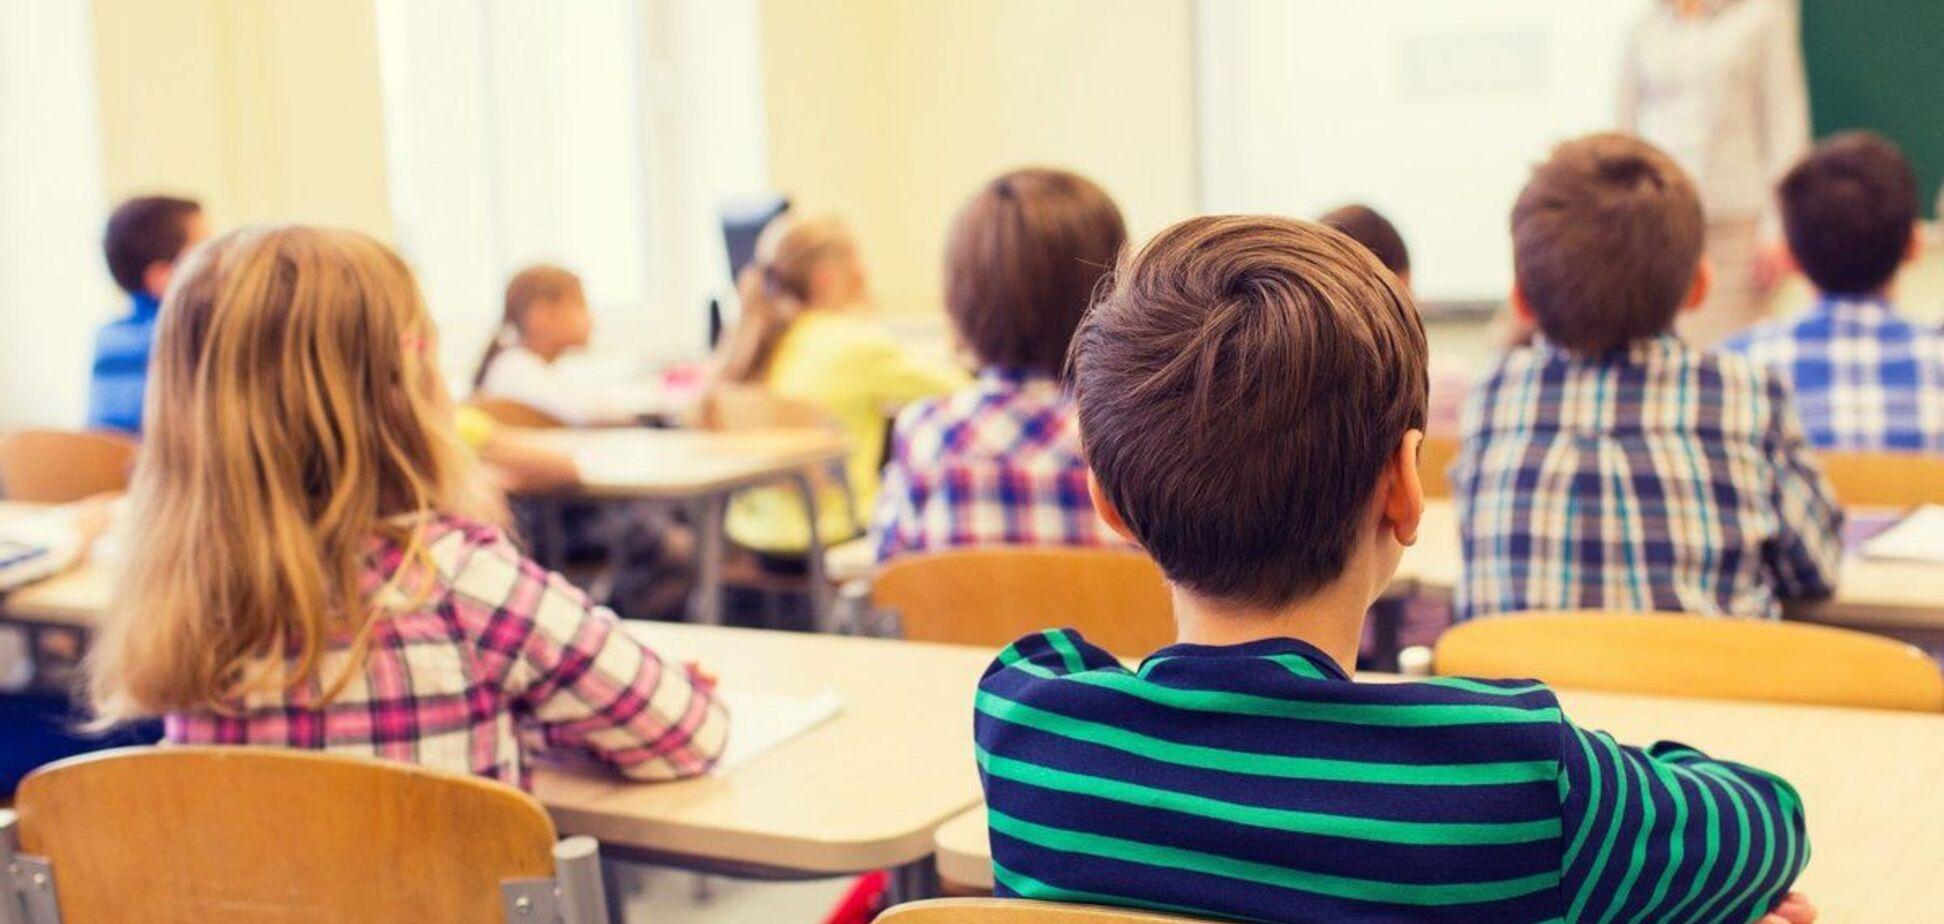 У Києві перенесли прийом дітей до перших класів через локдаун